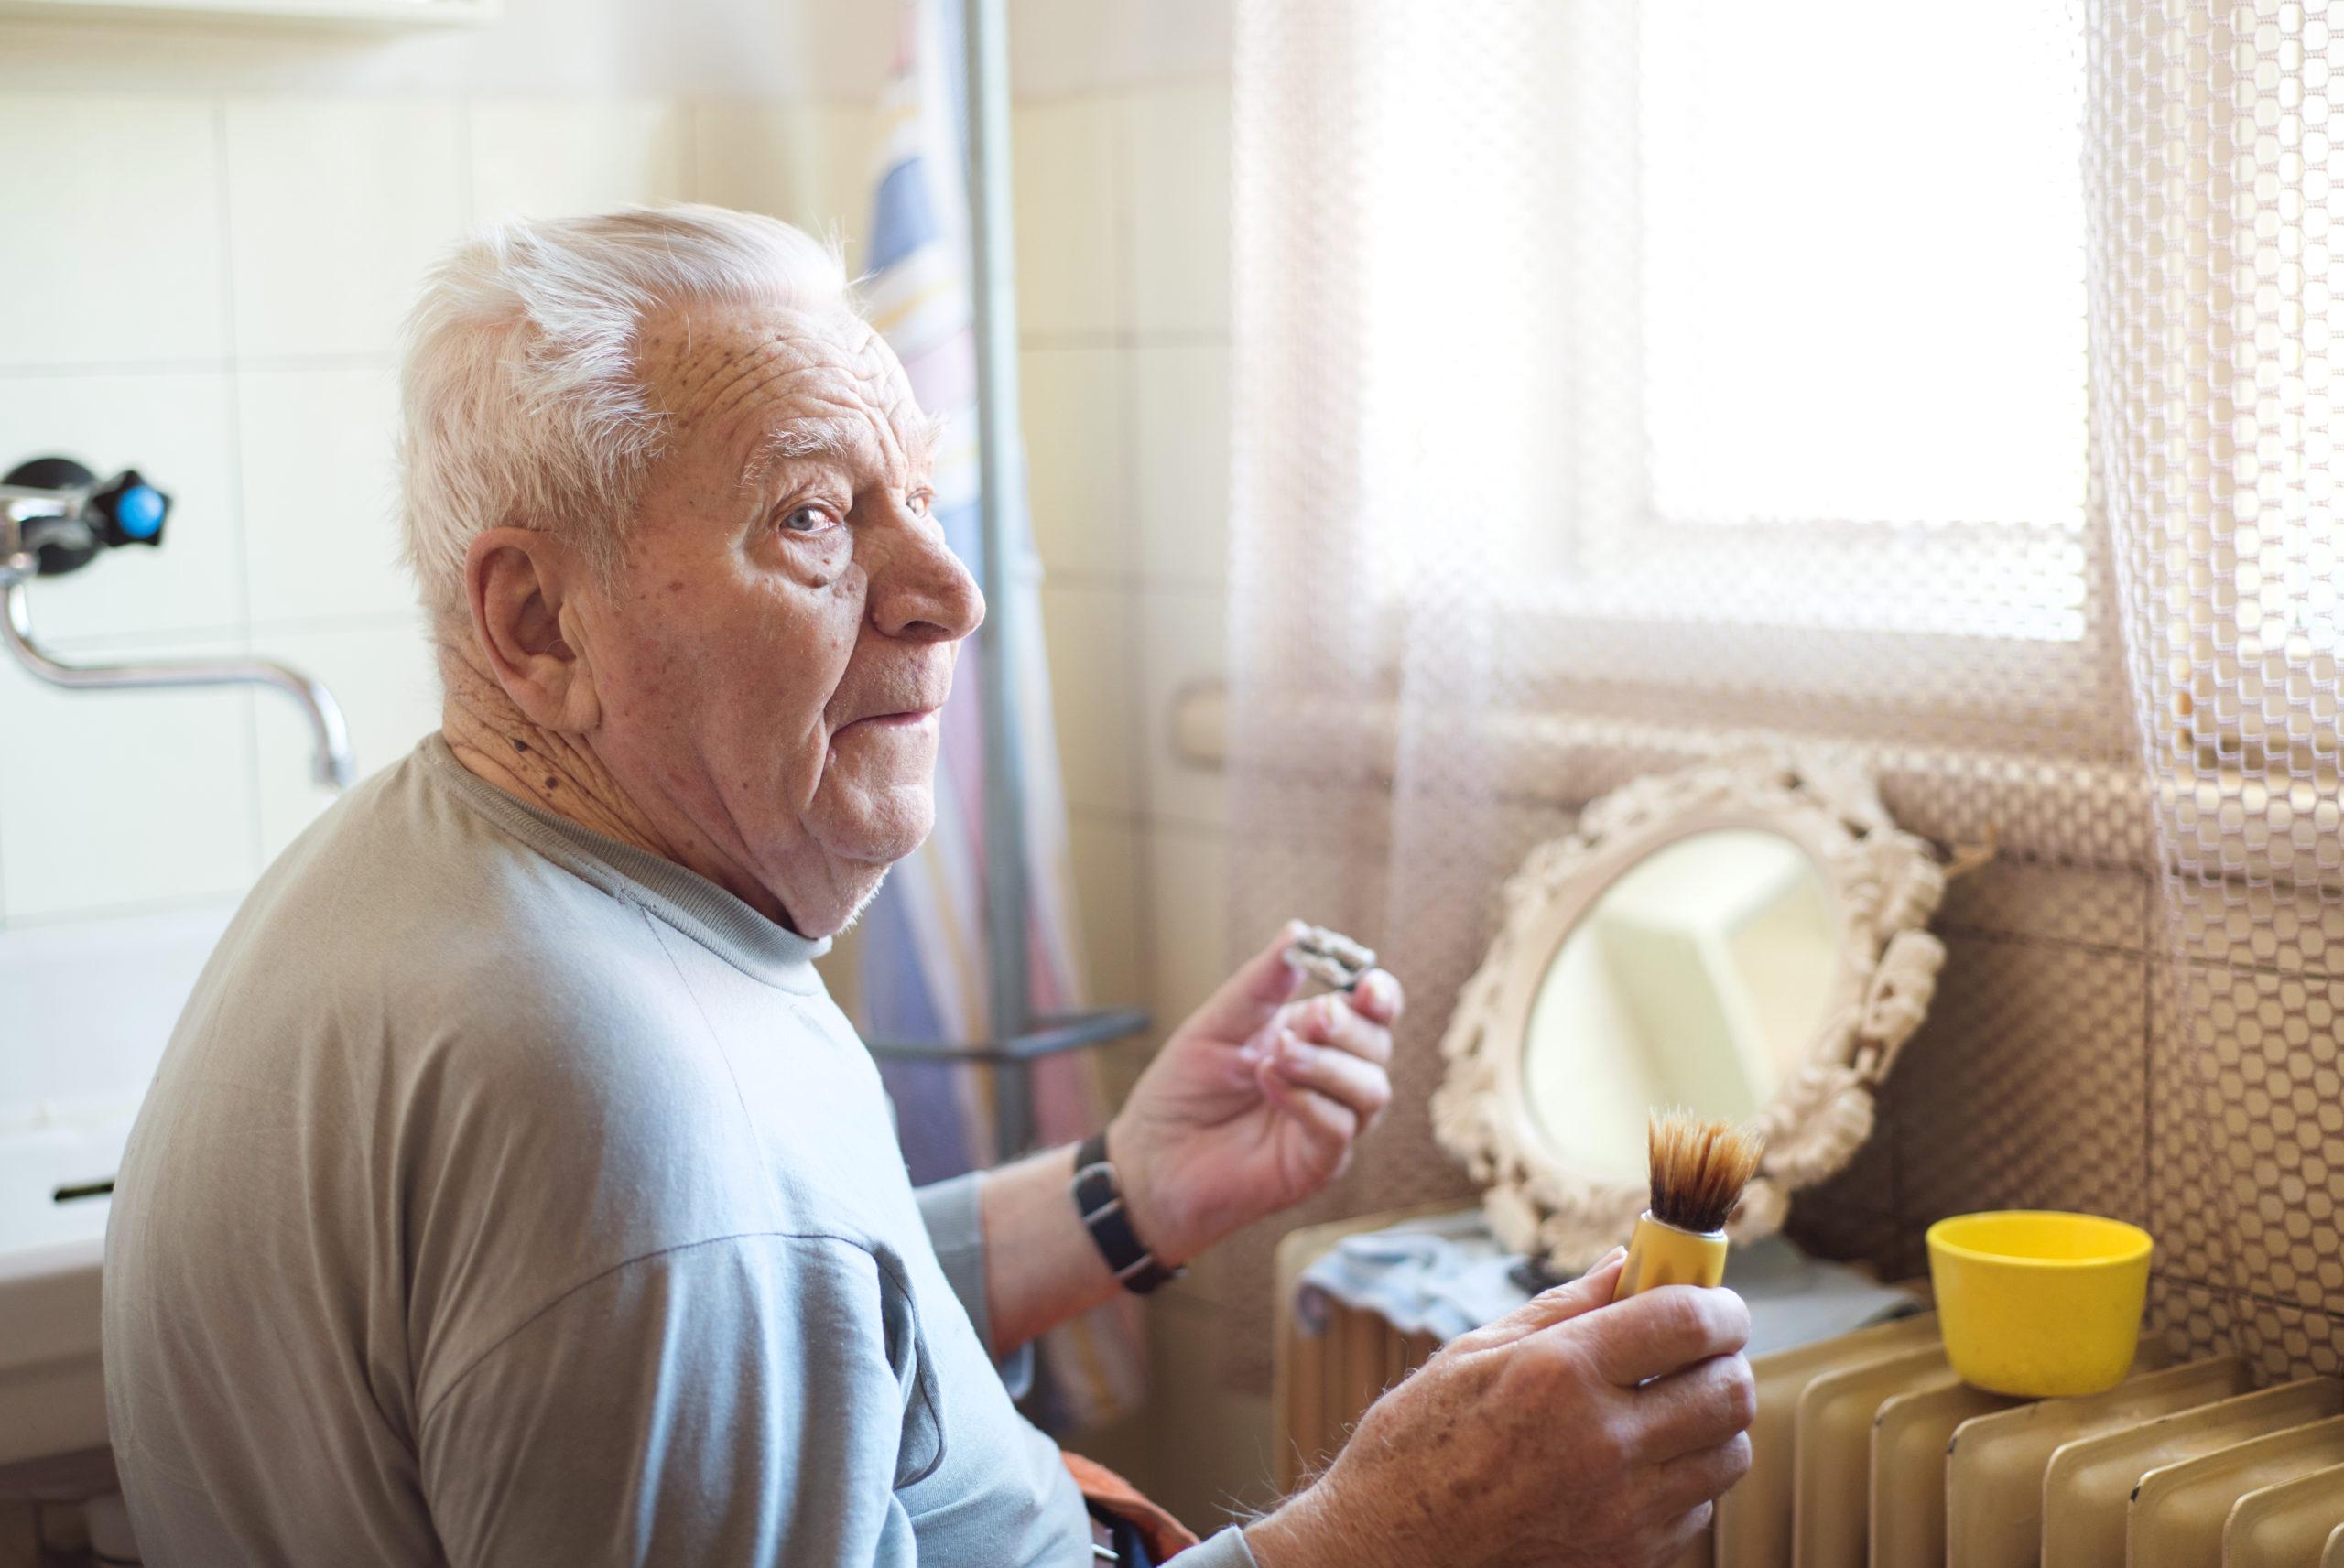 Pflege nicht sicher gestellt – Patient verwahrlost